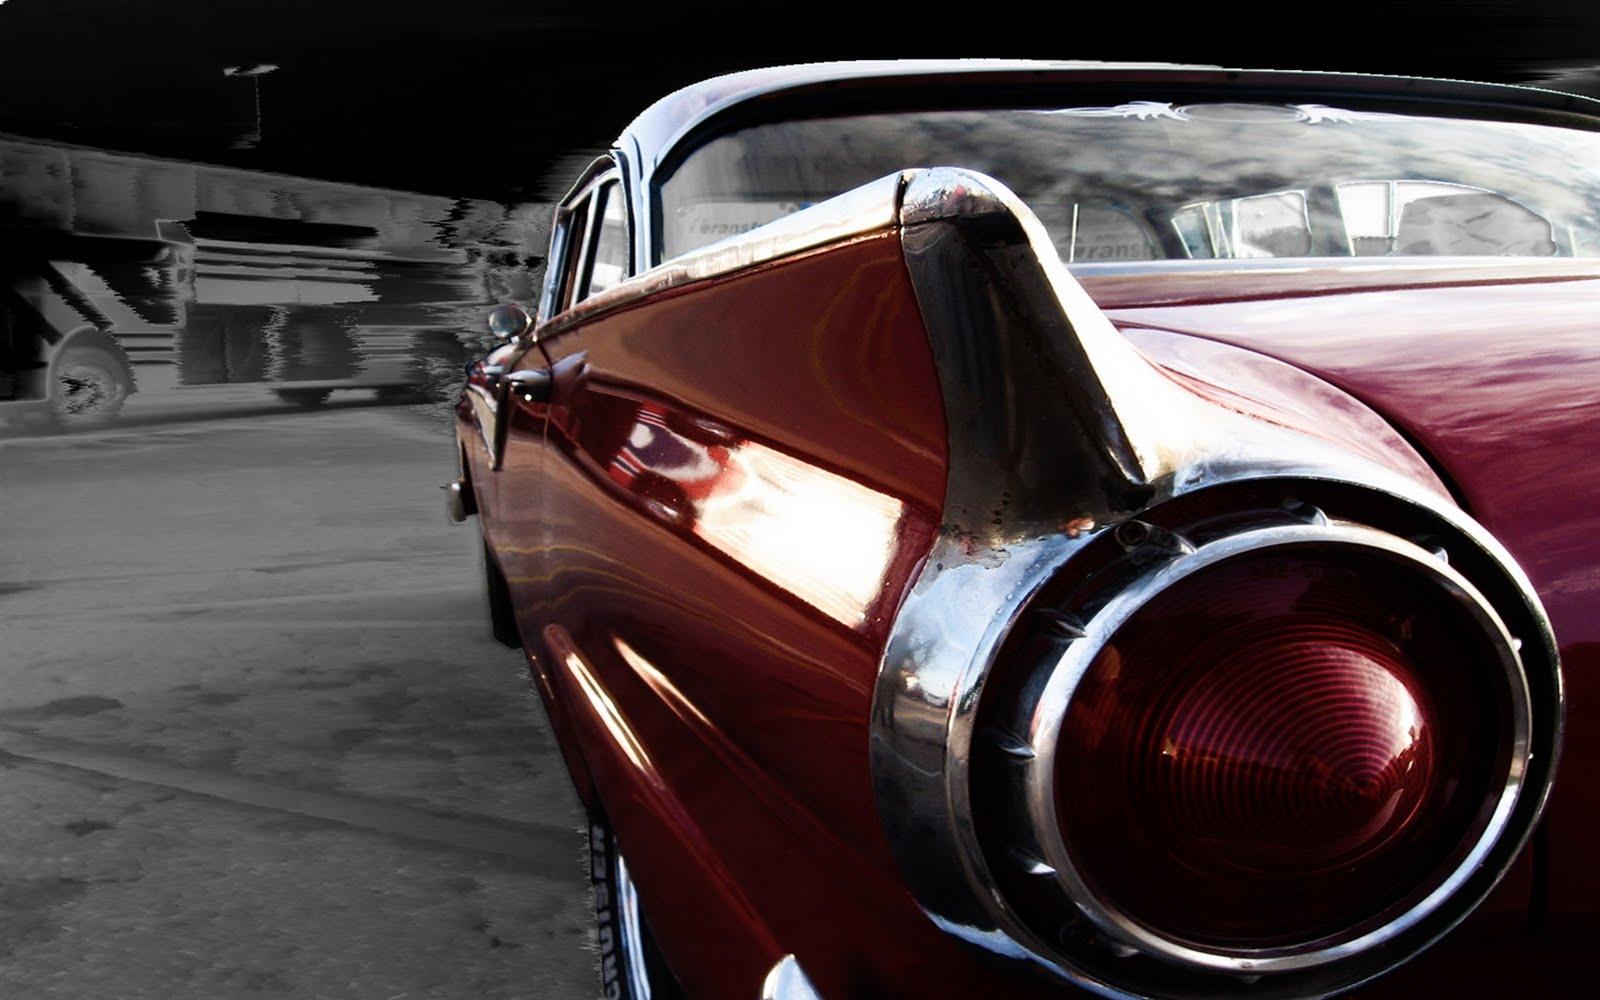 http://4.bp.blogspot.com/_aIrU_NInAww/S96et2IEQOI/AAAAAAAAAJE/ogson65TigQ/s1600/laba.ws_New_Cars_HD_+0028.jpg